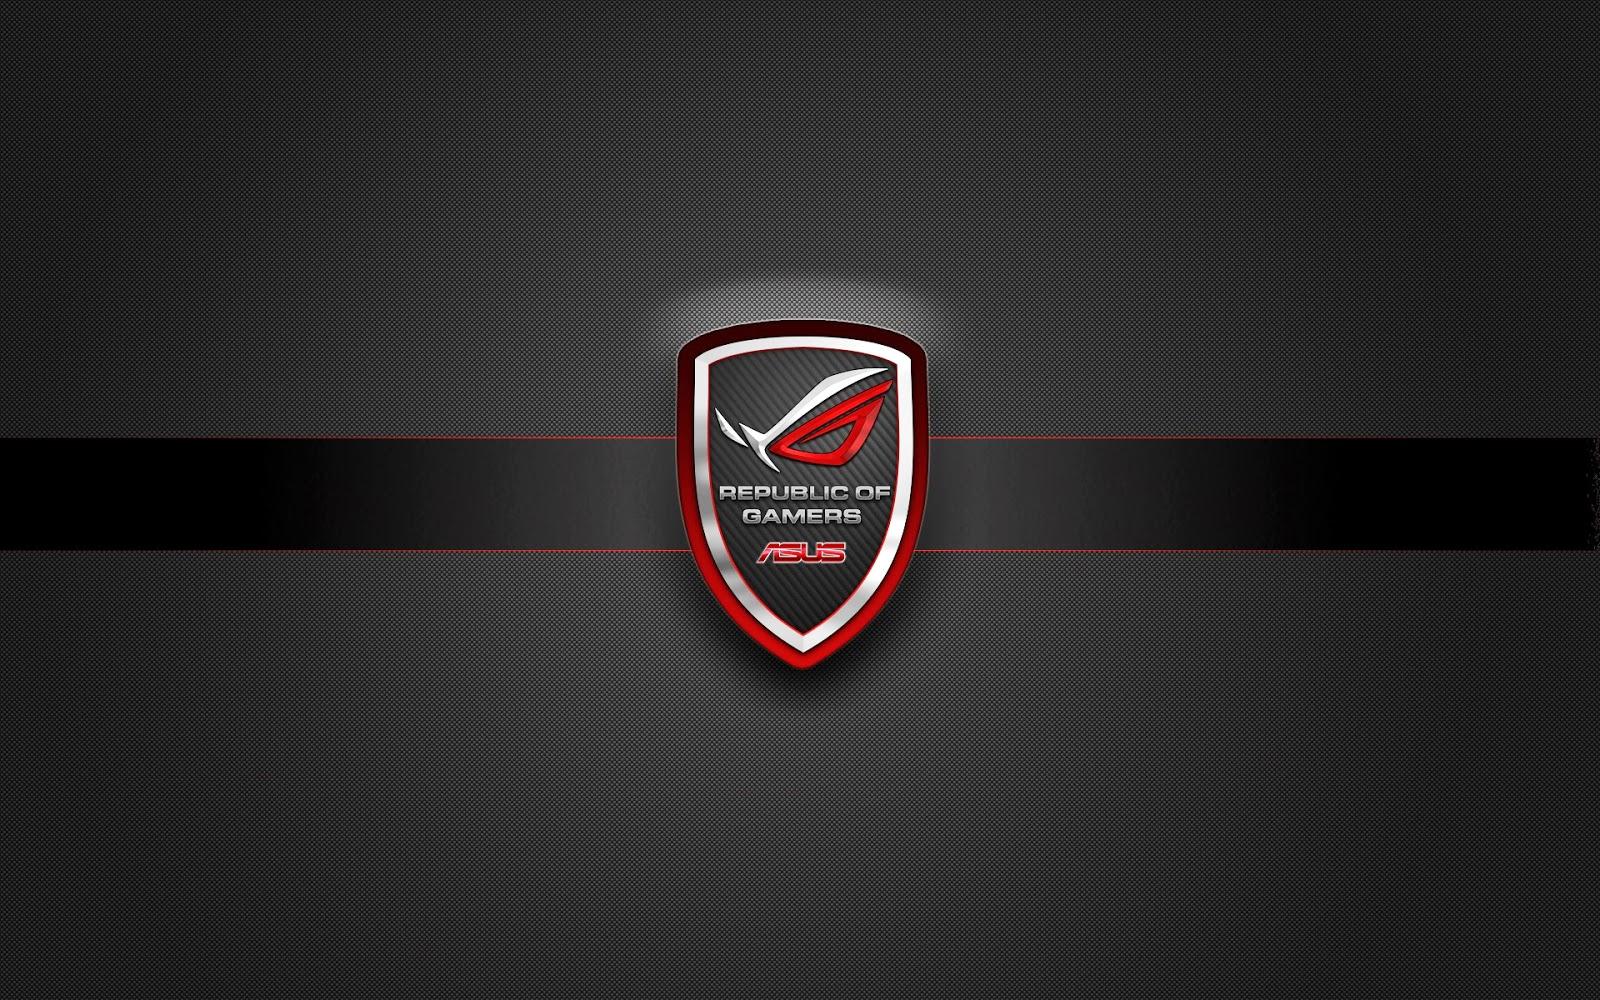 Republic of Gamers Badge Logo Asus ROG HD Wallpaper u5 1600x1000